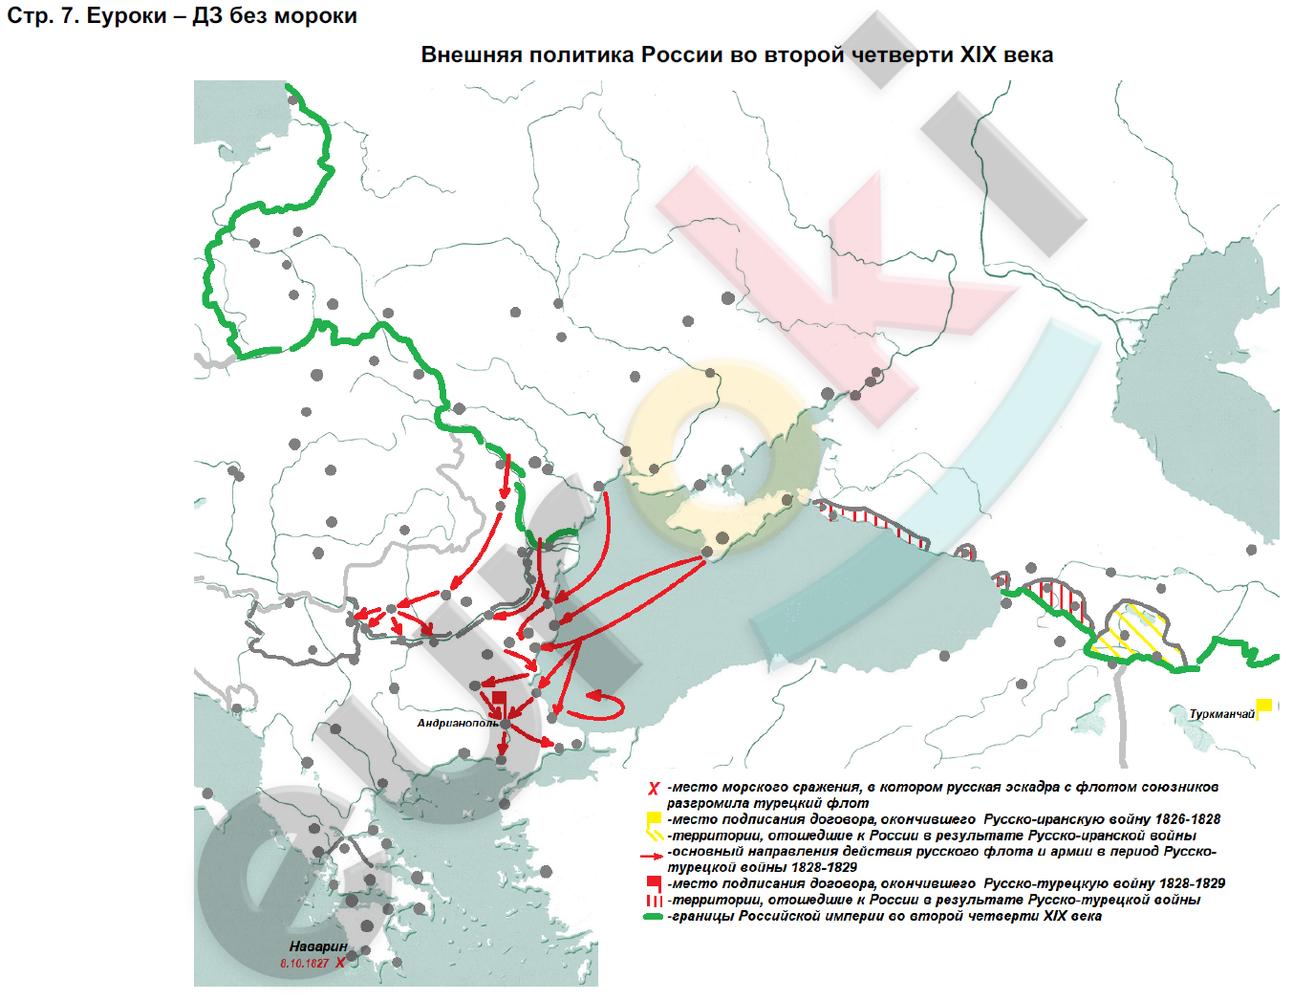 ГДЗ по истории 8 класс контурные карты Колпаков, Пономарев. Задание: стр. 7